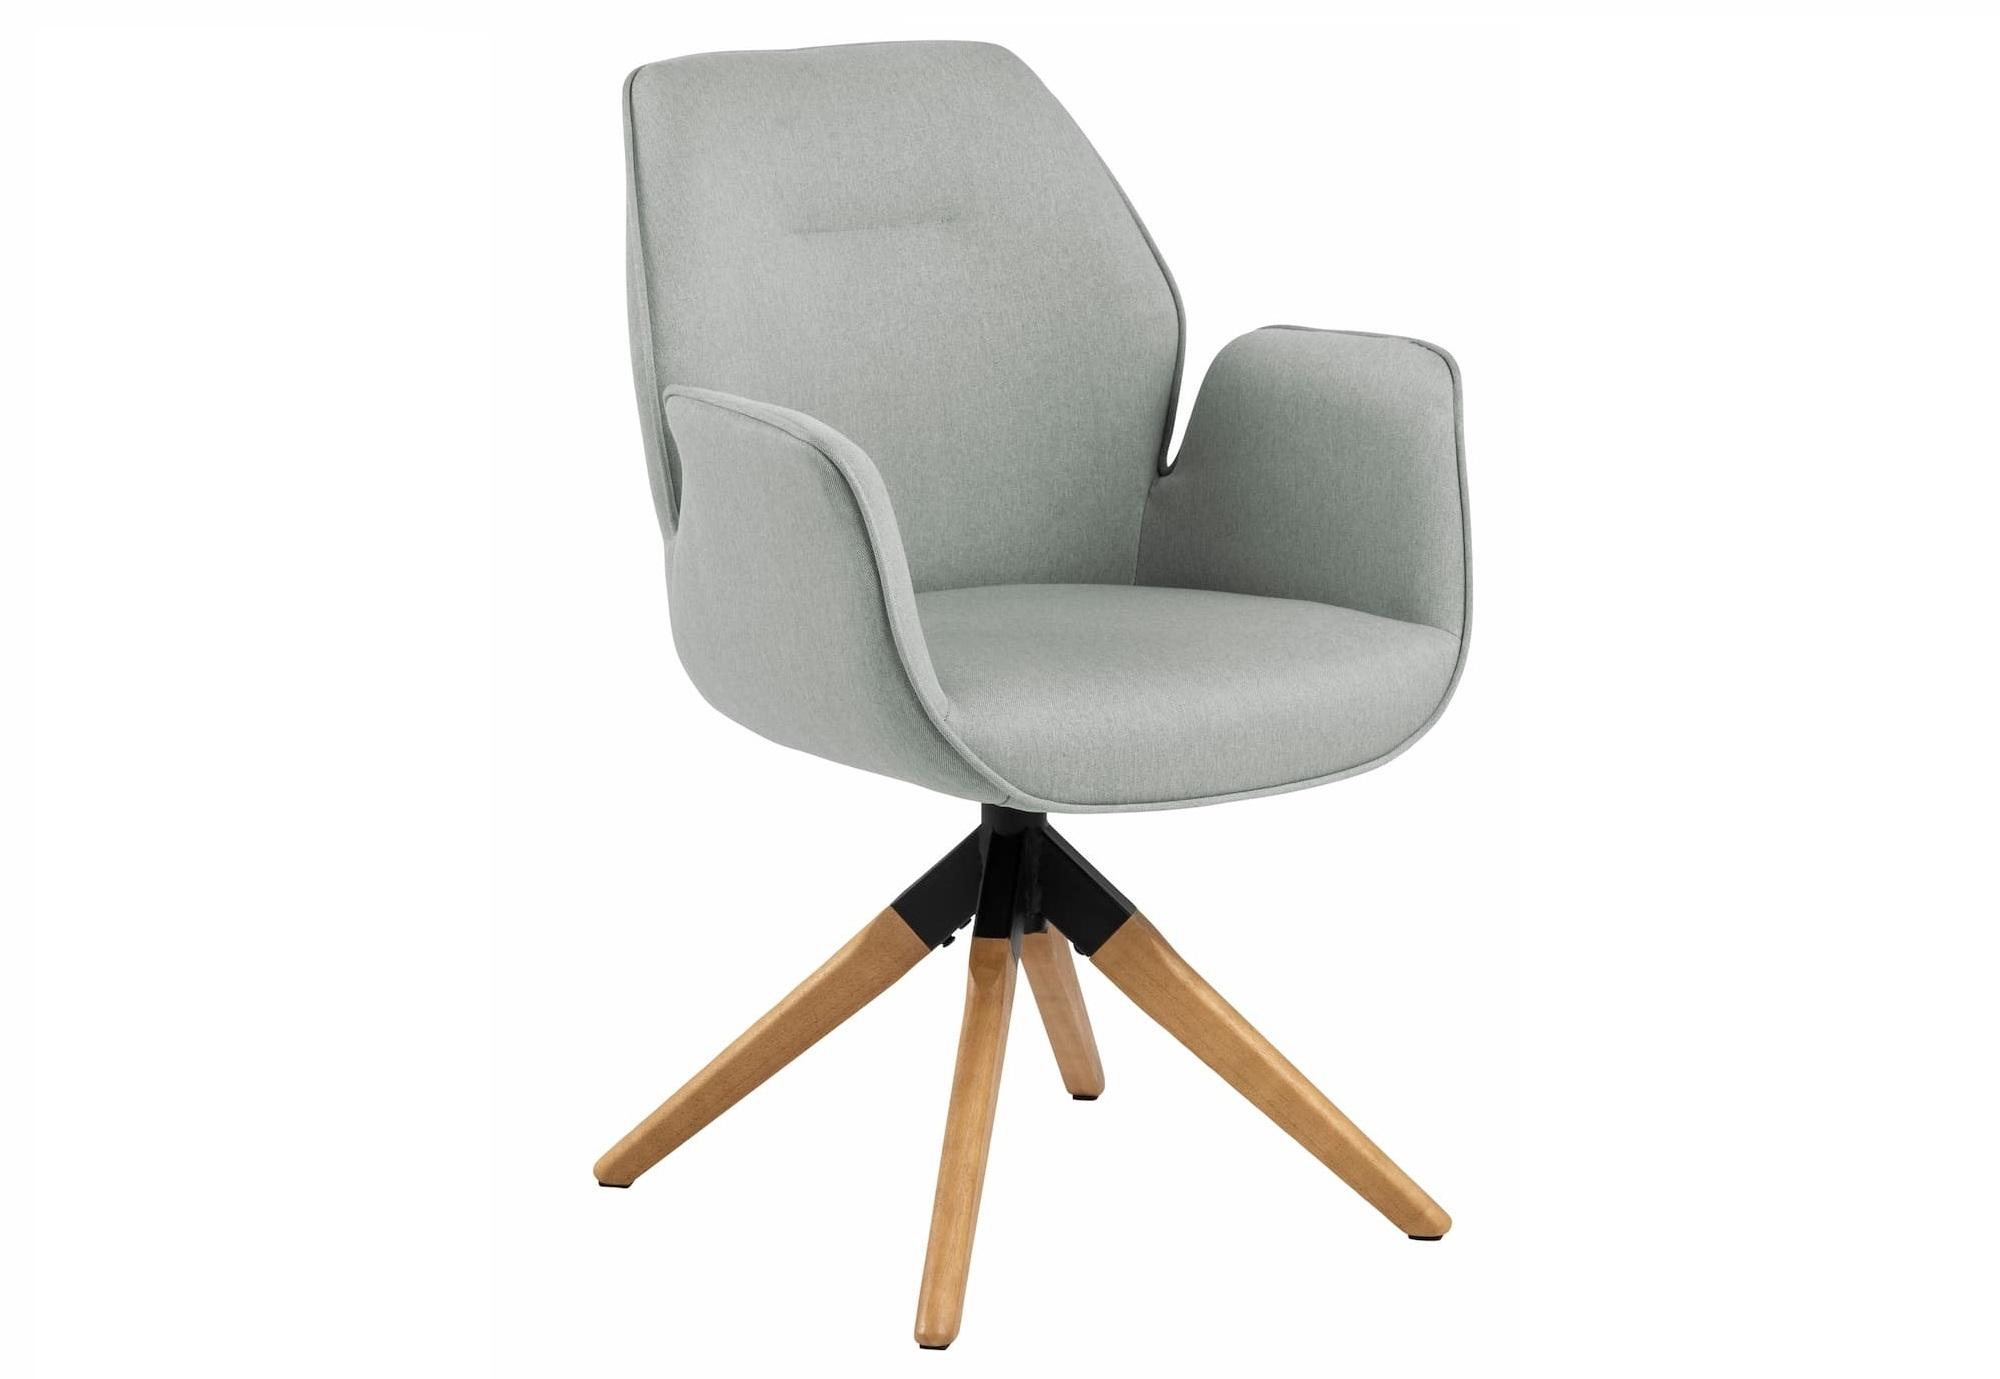 Scaun tapitat cu stofa si picioare din lemn Aura Gri deschis / Stejar, l60,5xA58,5xH91 cm